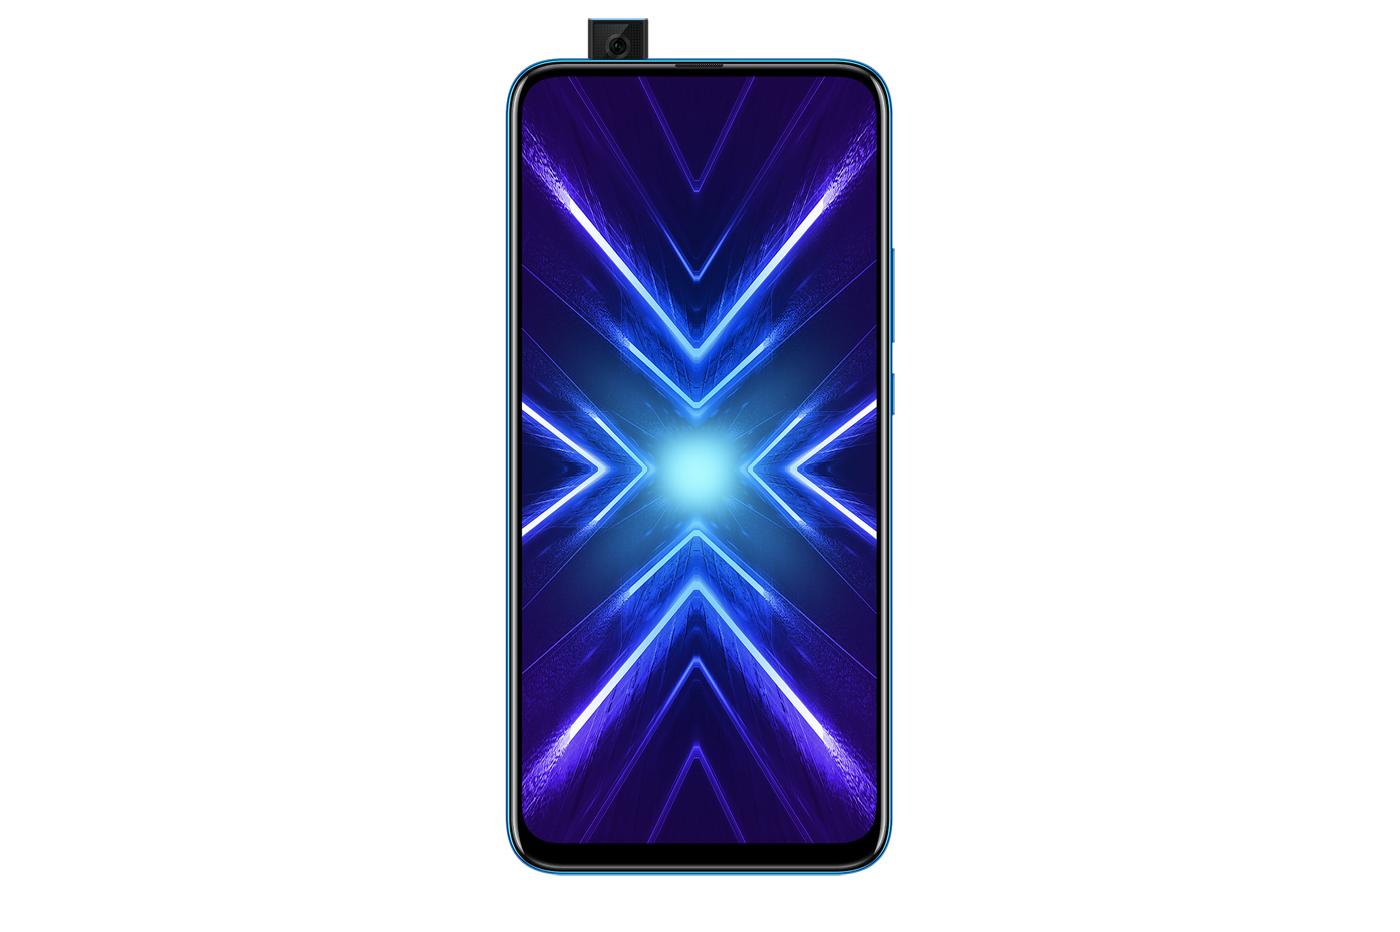 Le nouveau smartphone Honor 9X